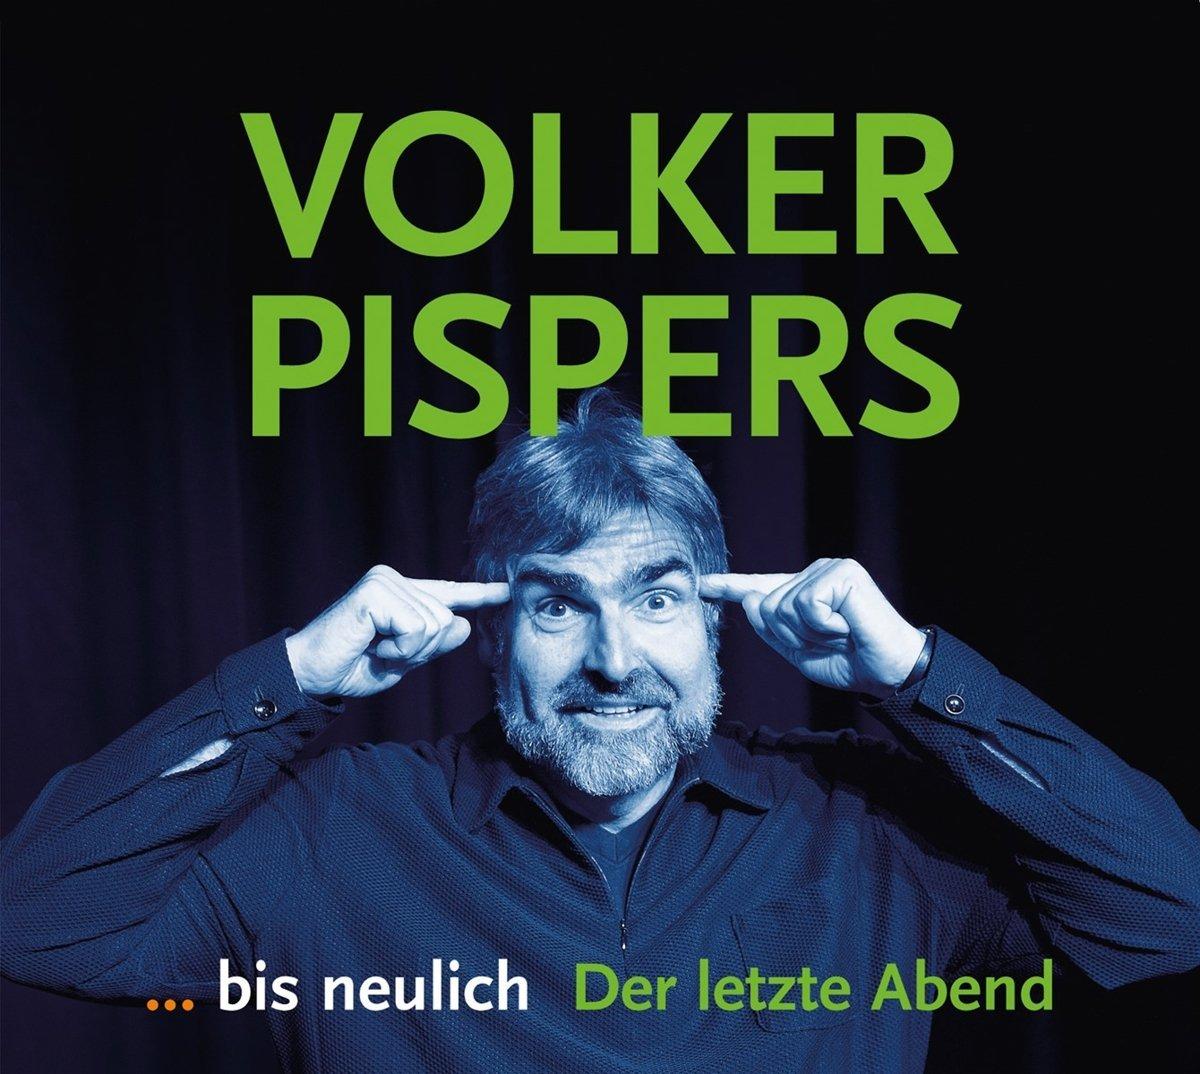 Volker Pispers - bis neulich - Der letzte Abend